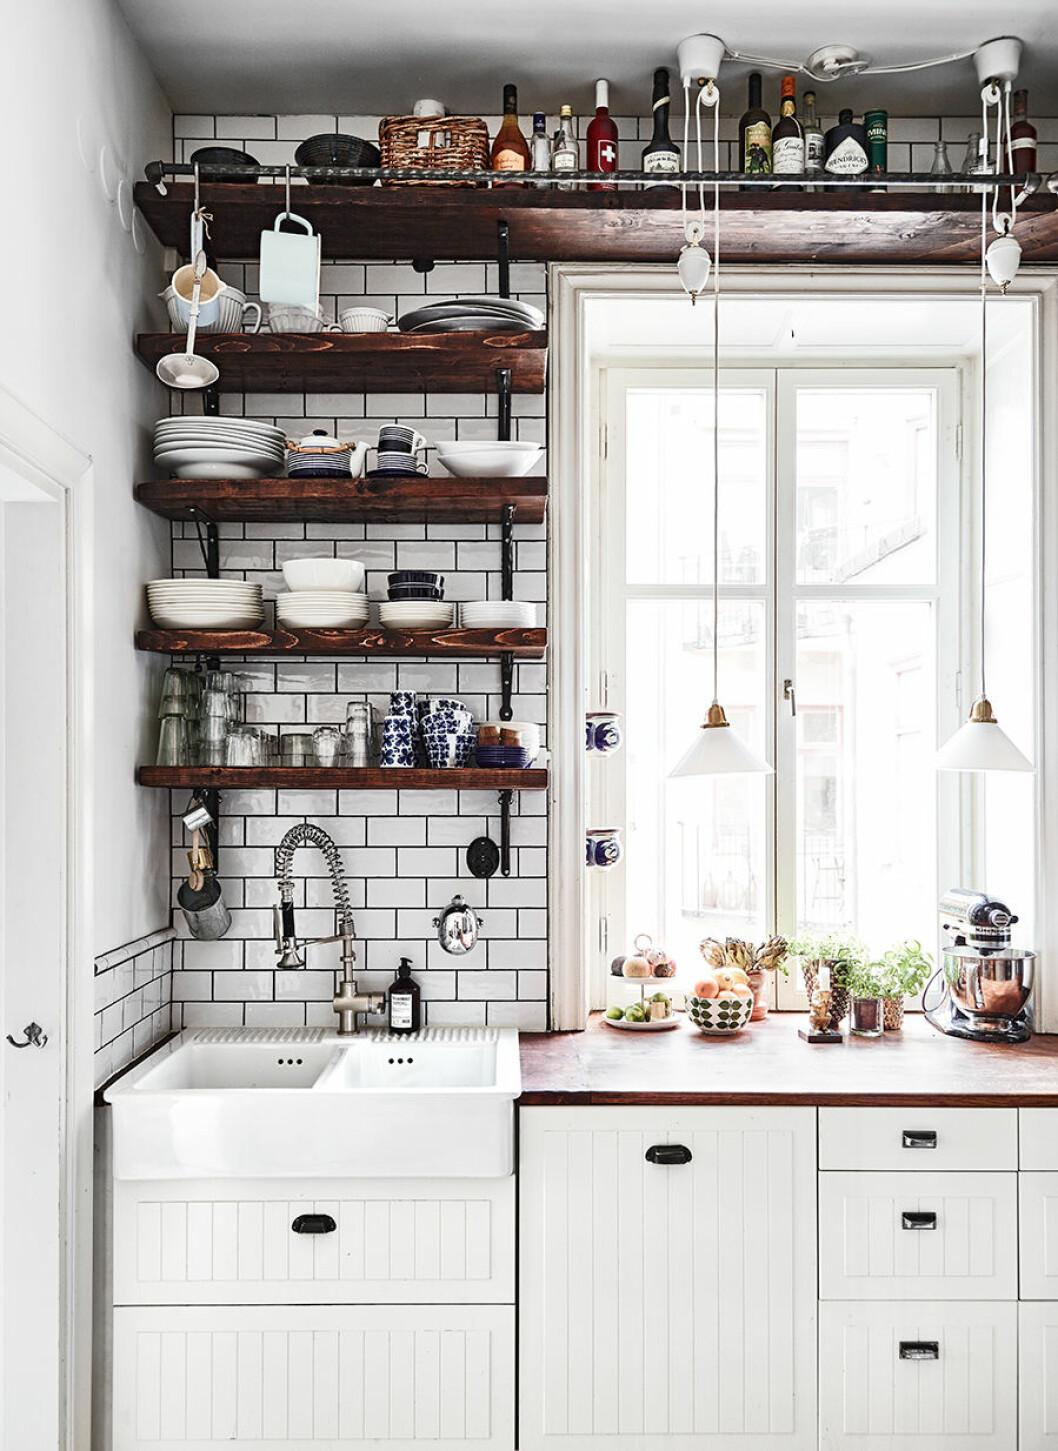 Öppen förvaring i kök från diskbänk till tak